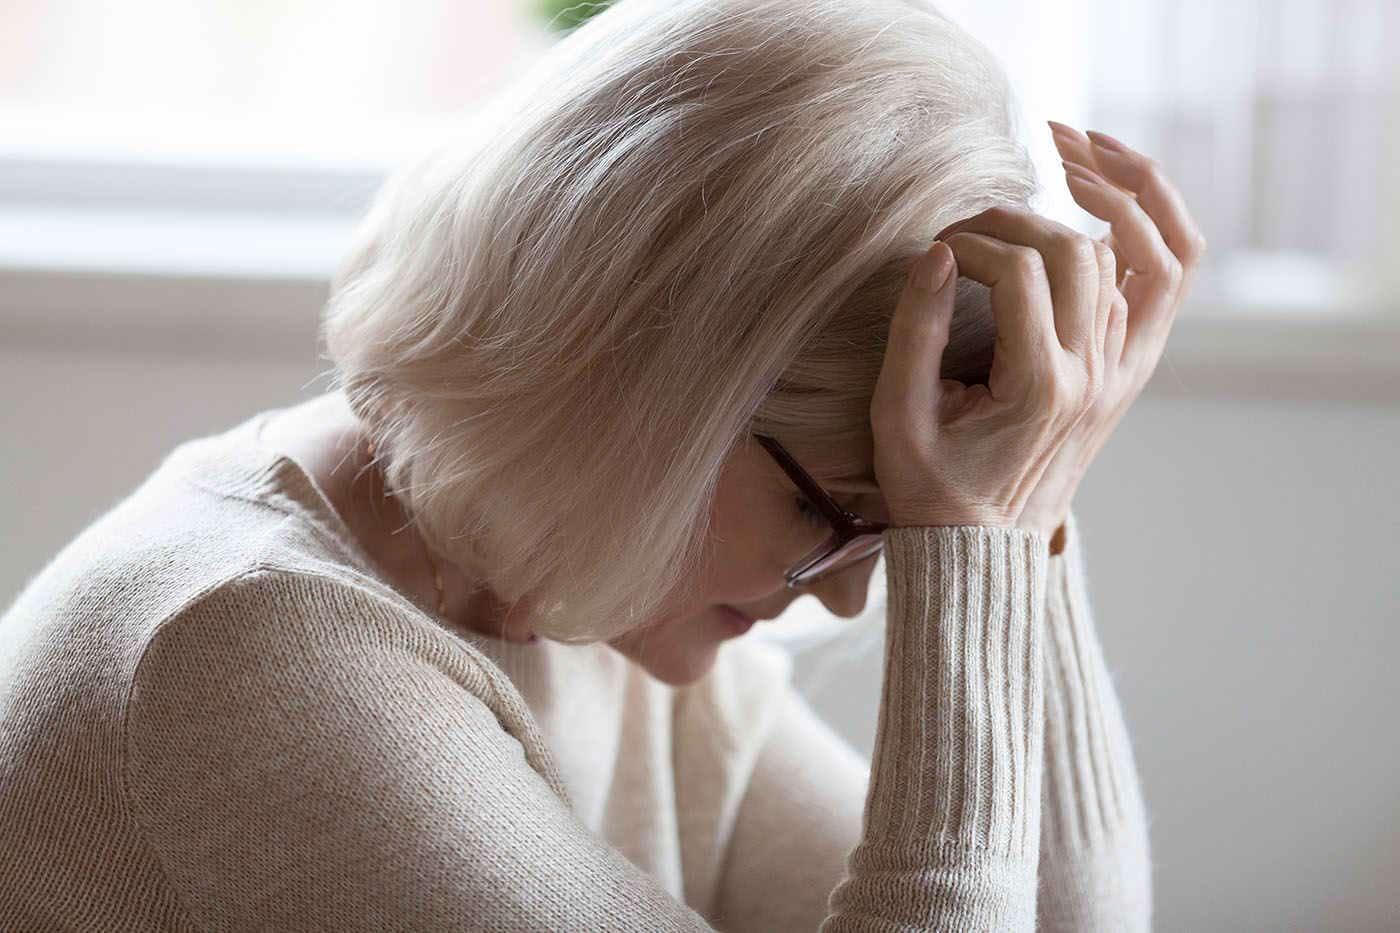 Femeile care se confruntă cu simptome severe la menopauză prezintă un risc mai mare de AVC [studiu]